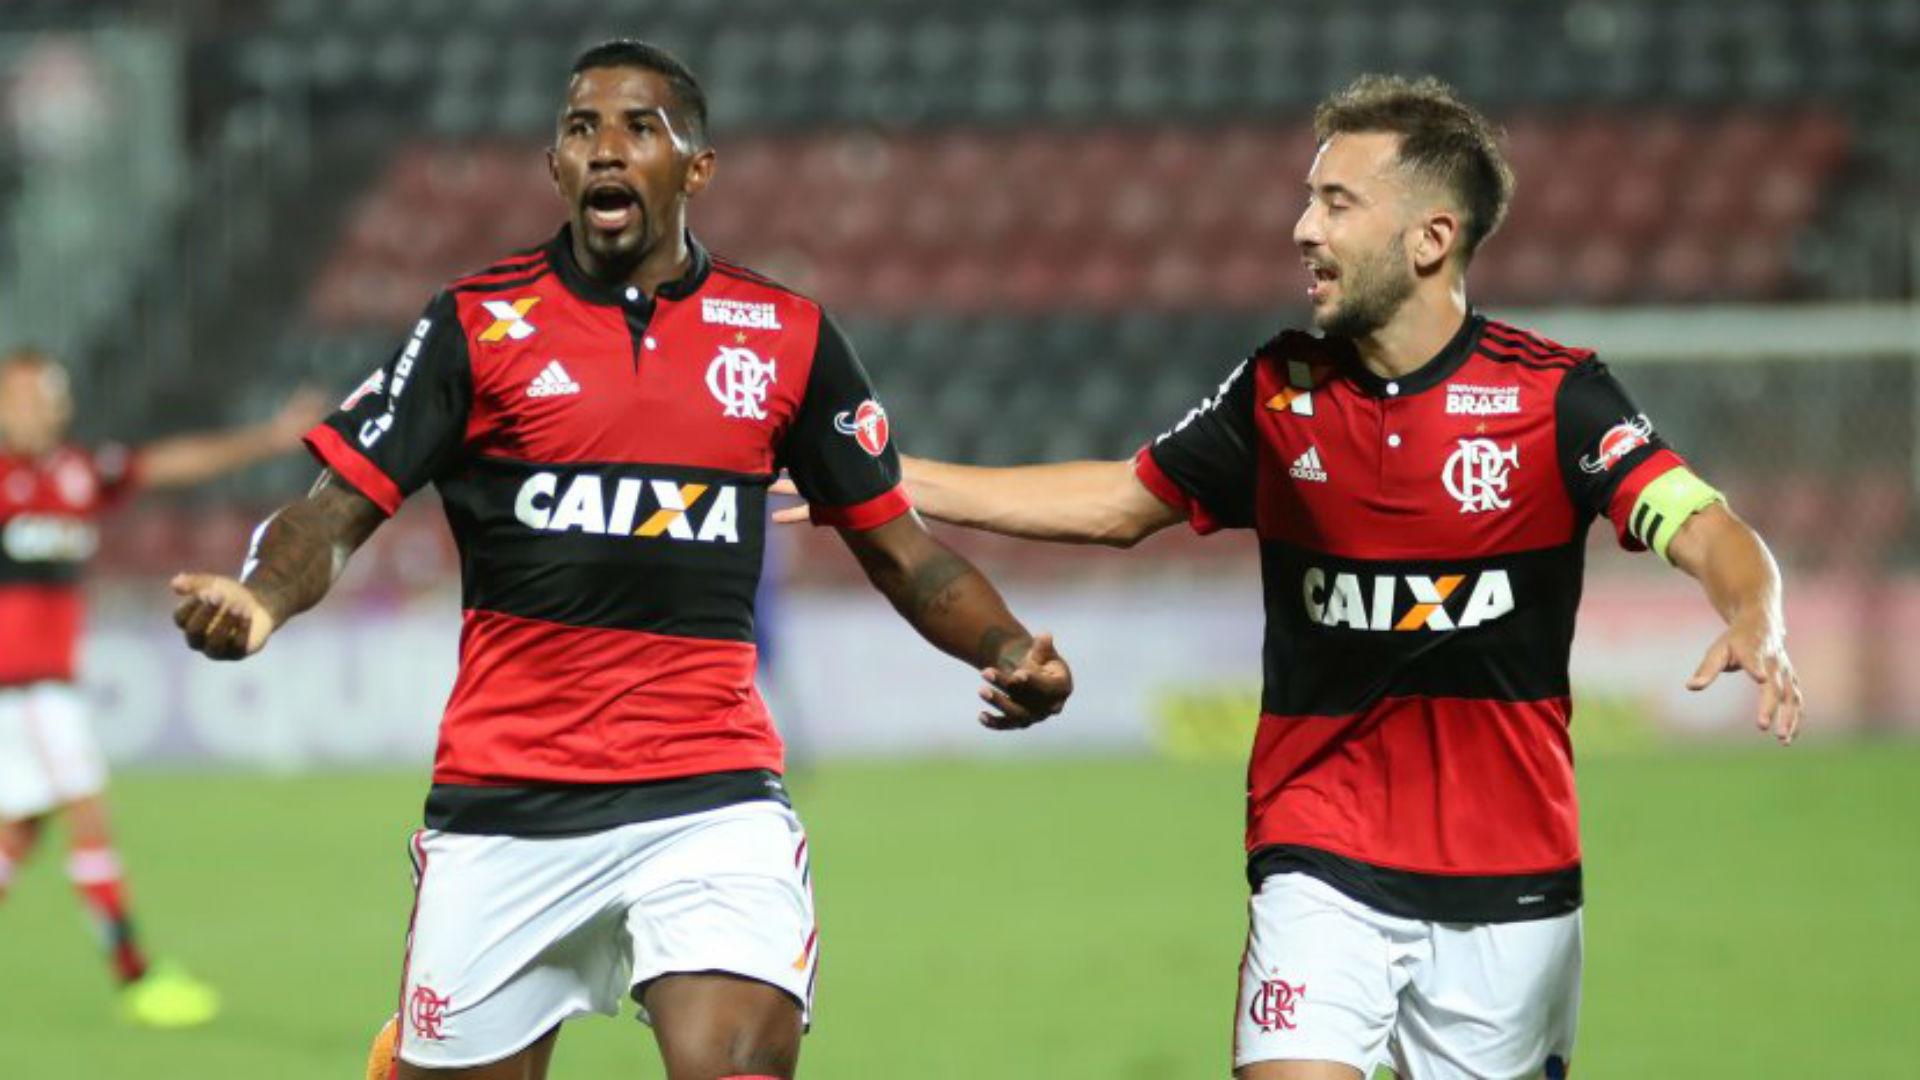 Com 'consciência limpa', Flamengo busca reação no Brasileiro contra a Chapecoense